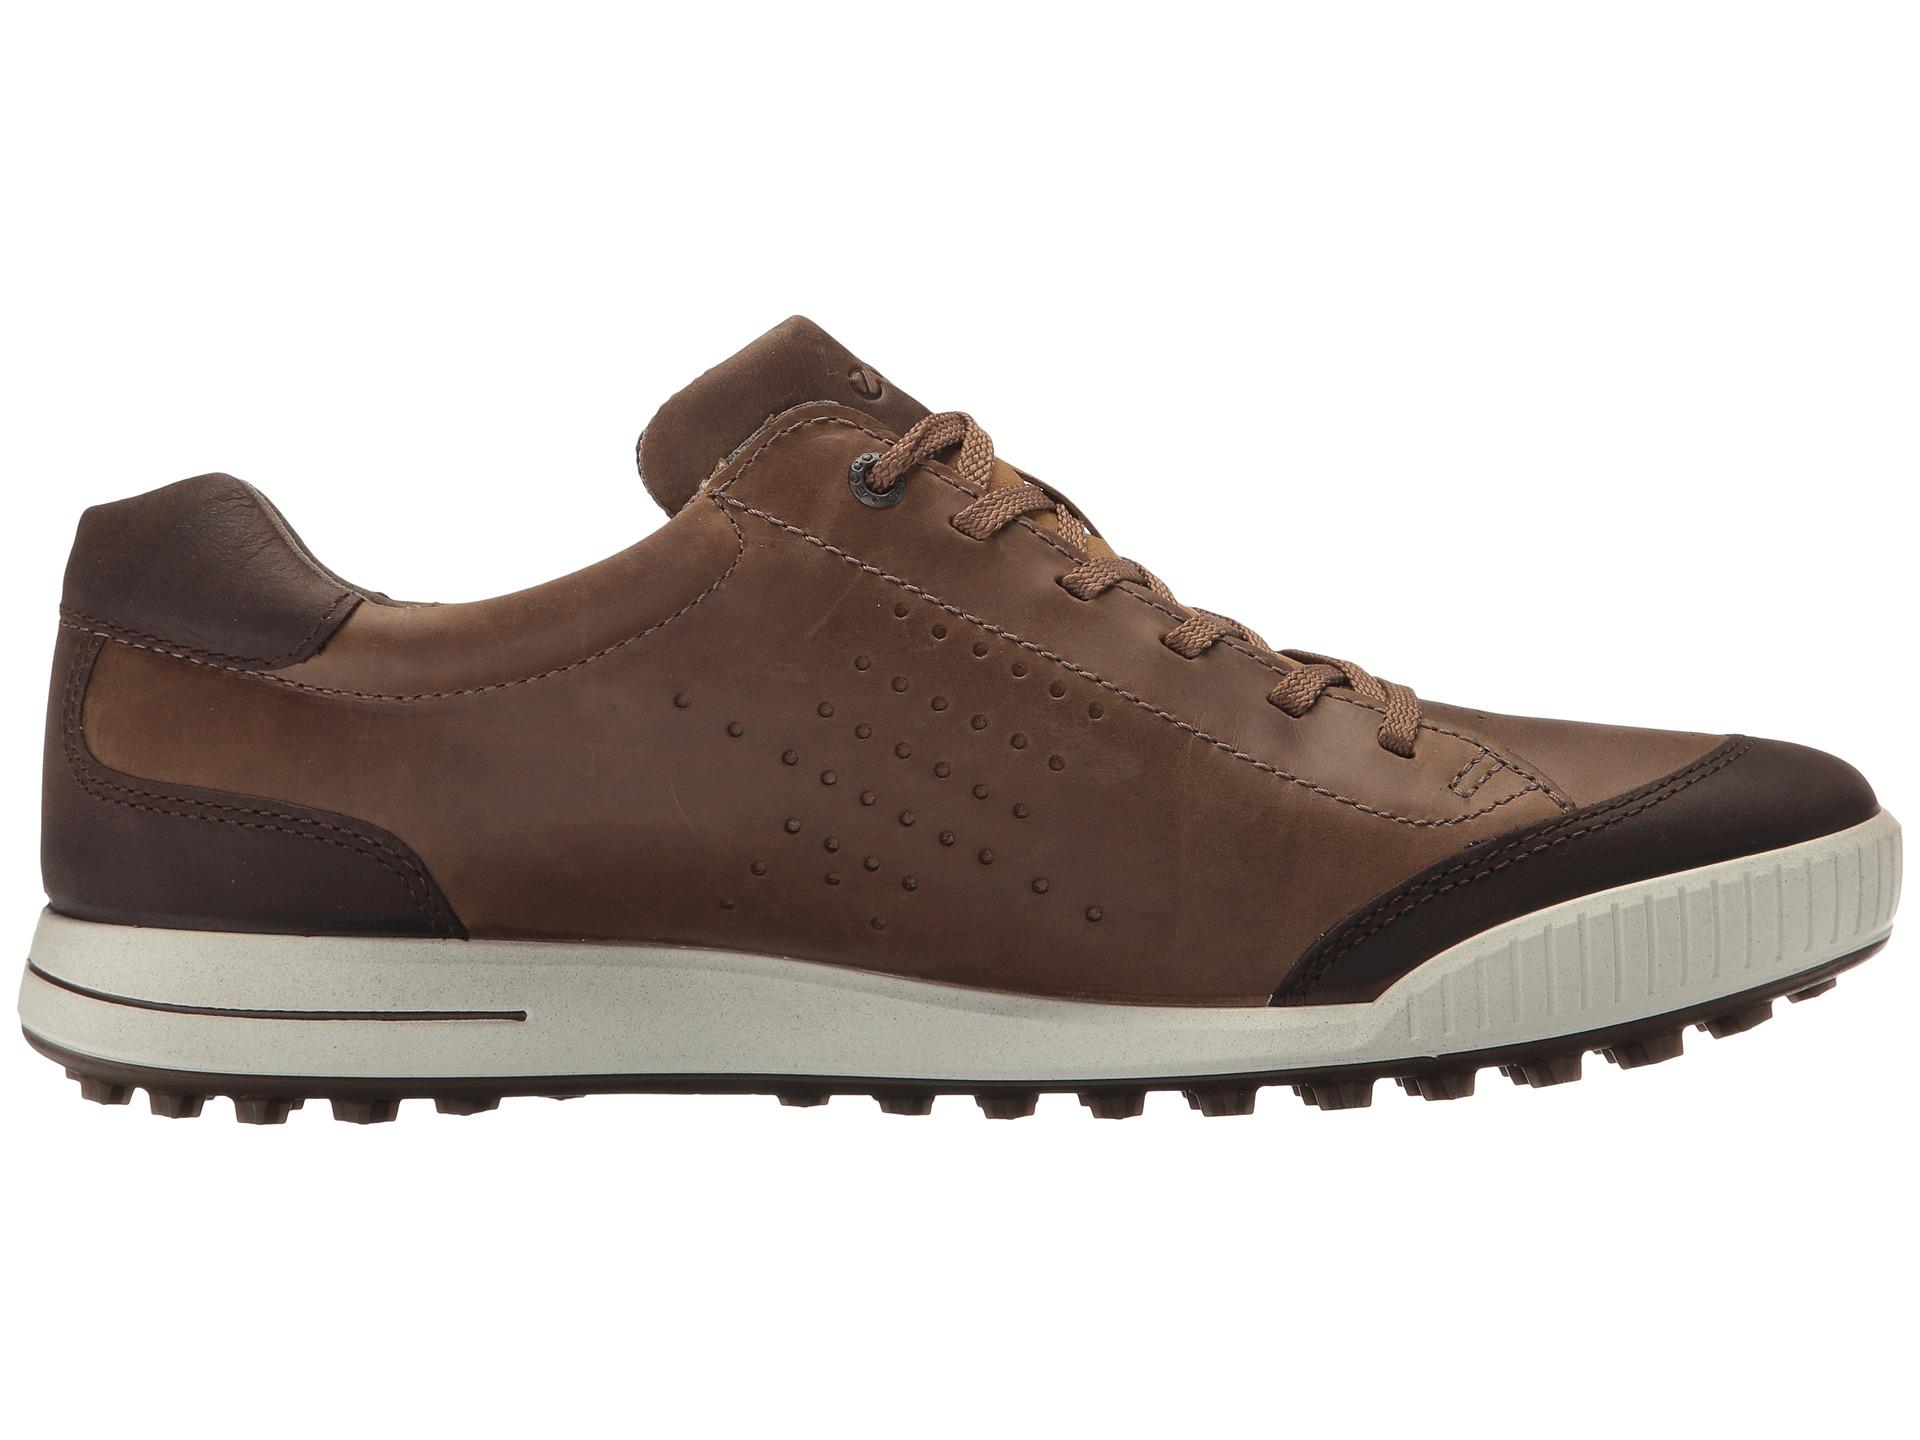 Zappos Golf Shoes Ecco